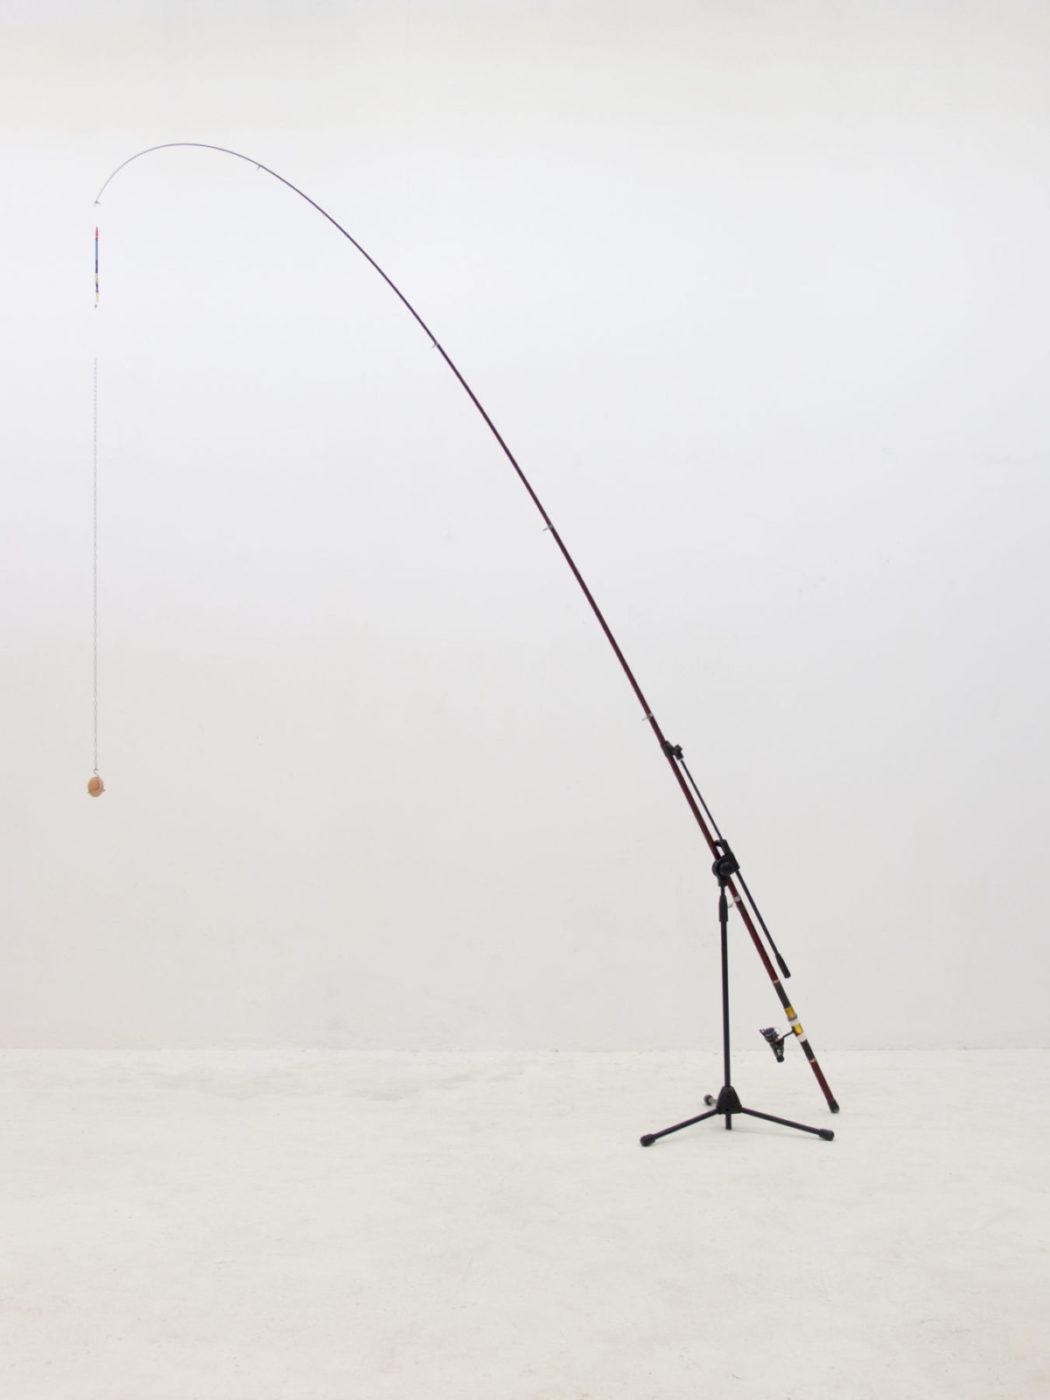 Davide Mancini Zanchi, set per l'esecuzione della pala di montefeltro, 2014, uovo, canna da pesca, piedistallo da microfono, laccio, catena, ferro. 400x200x70cm